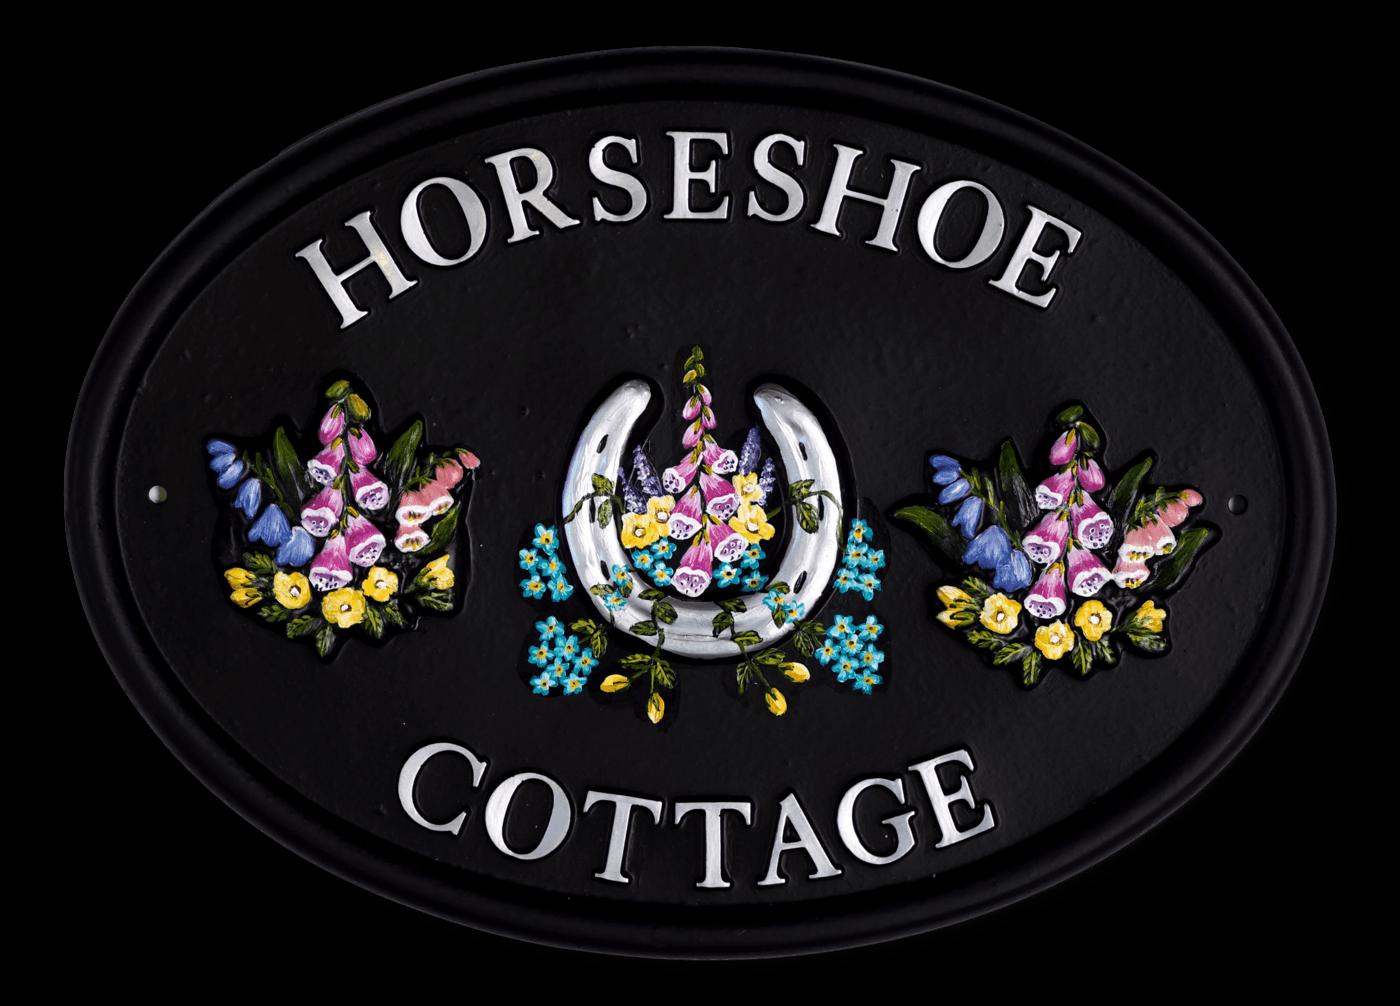 Horseshoe & Flowers house sign